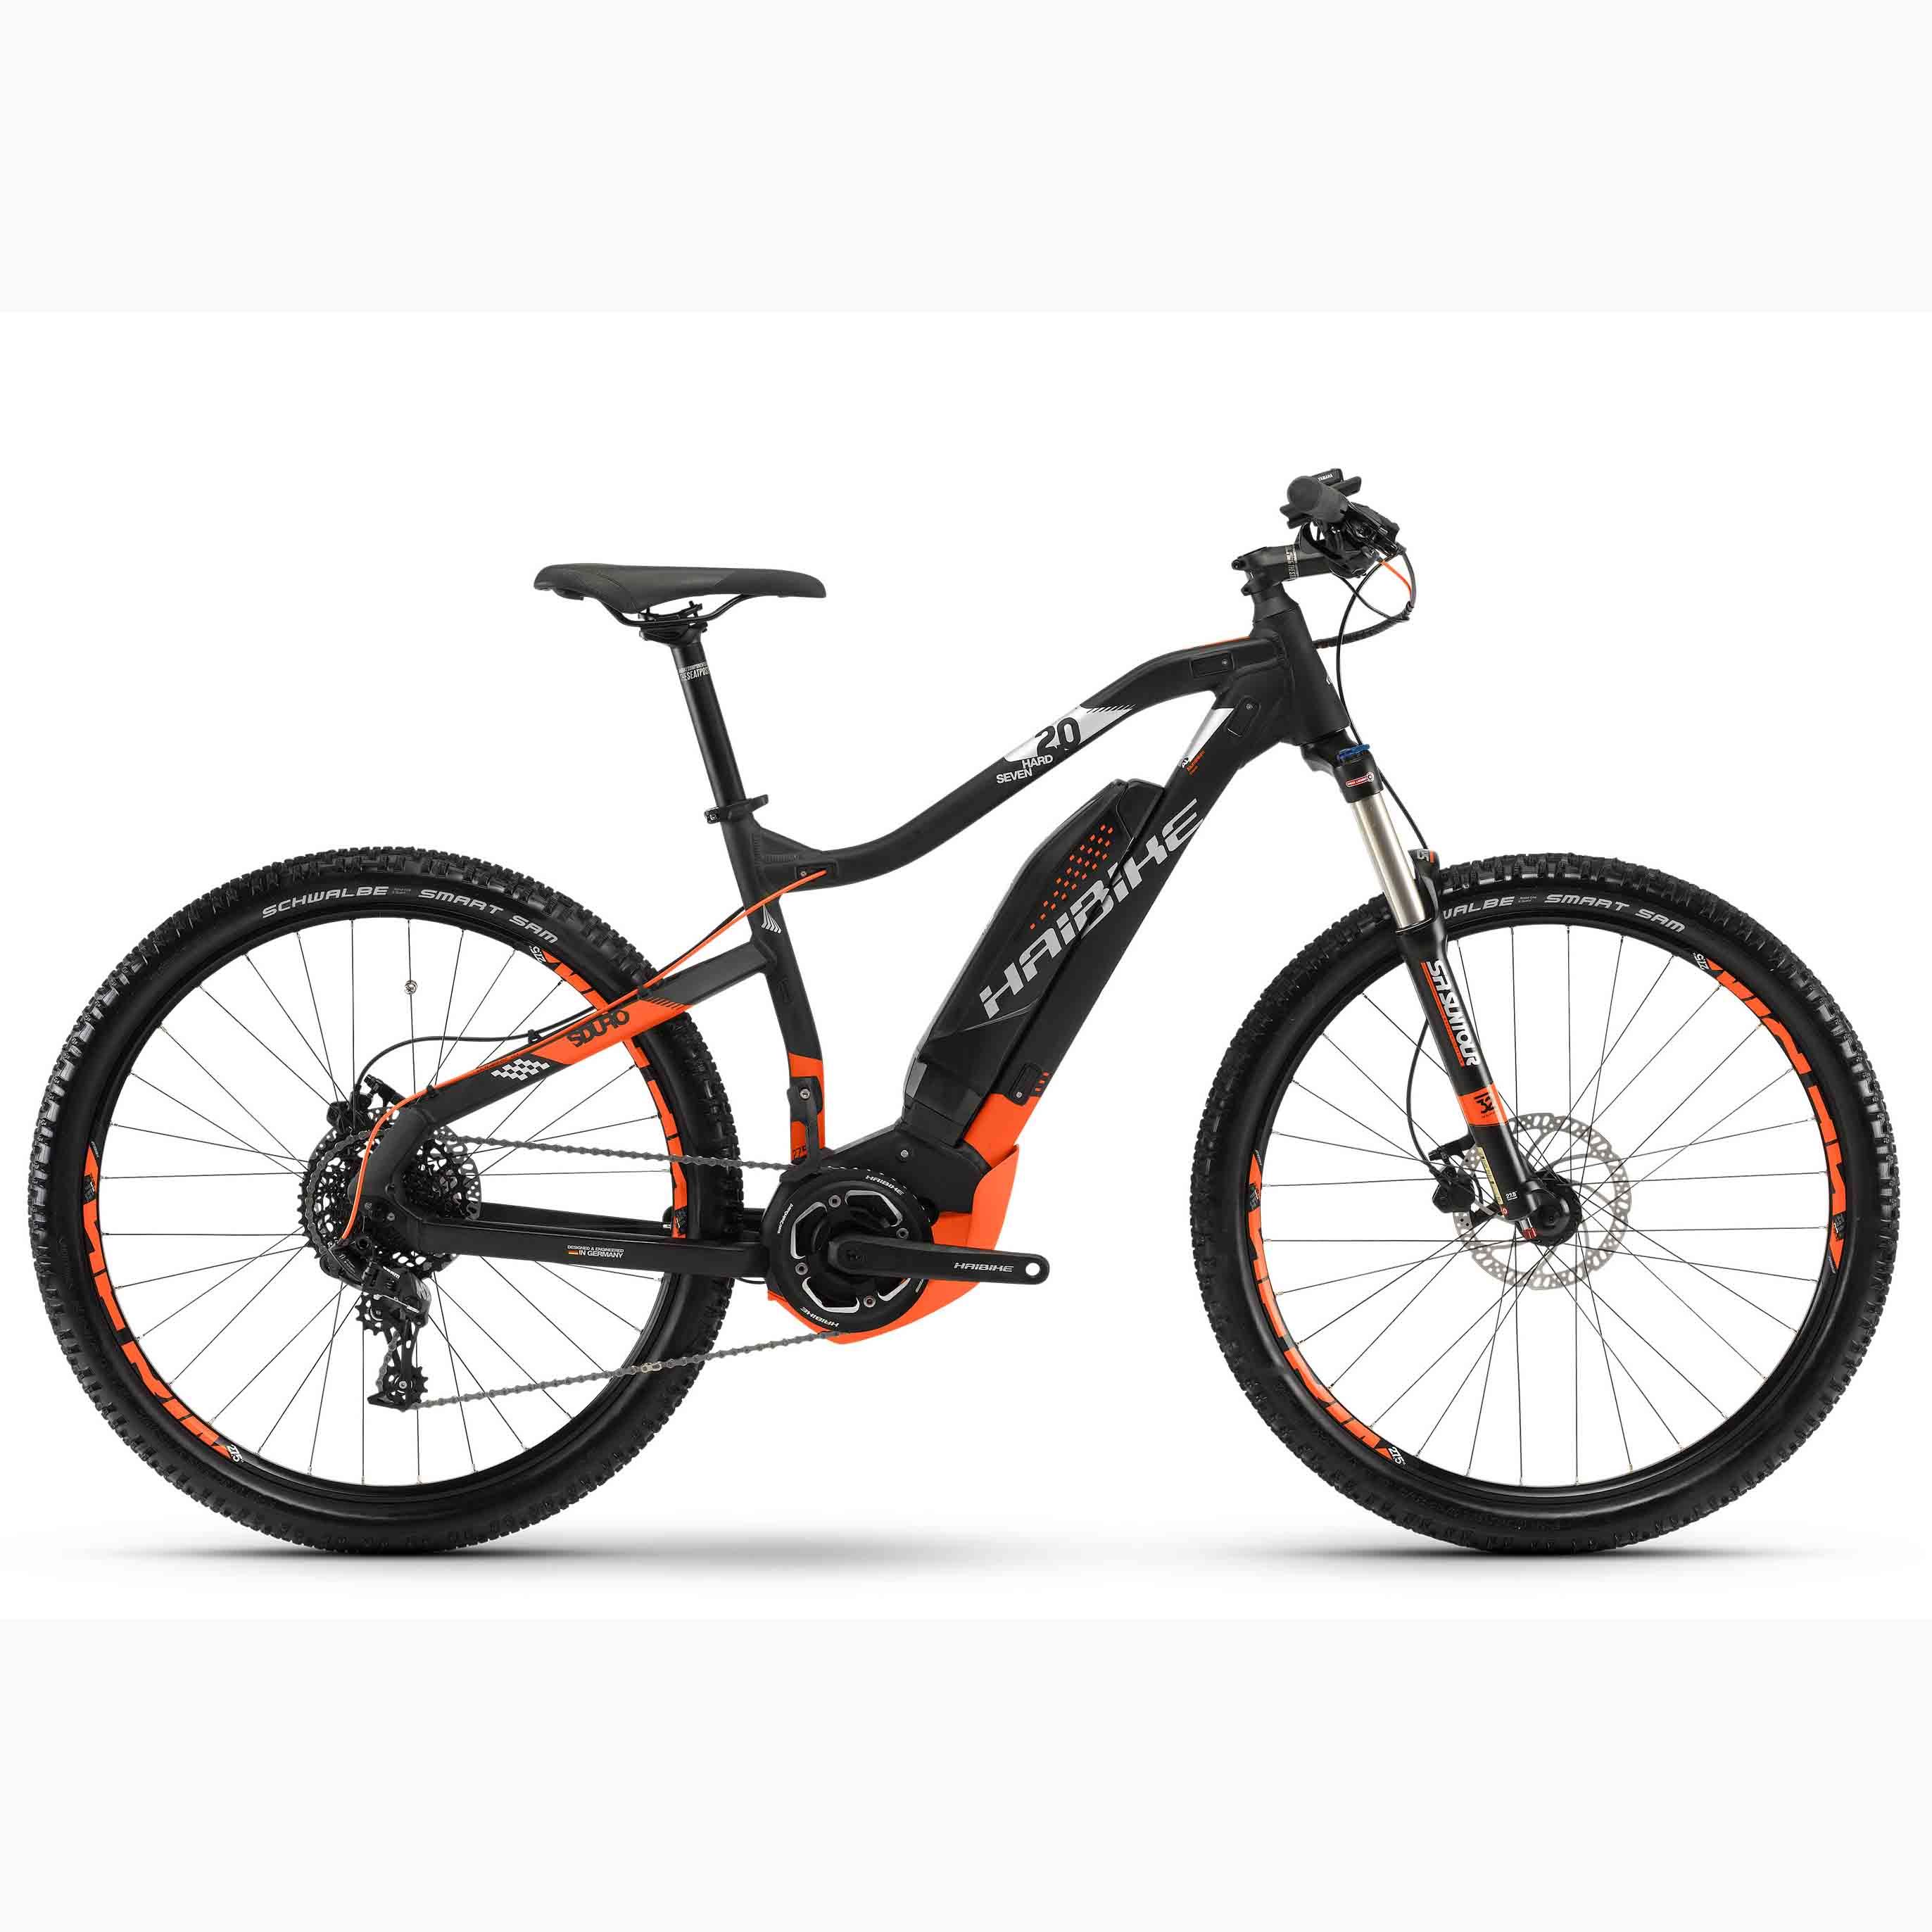 Фото Велосипед Haibike SDURO HardSeven 2.0 27,5″ 400Wh, рама 50см, 2018